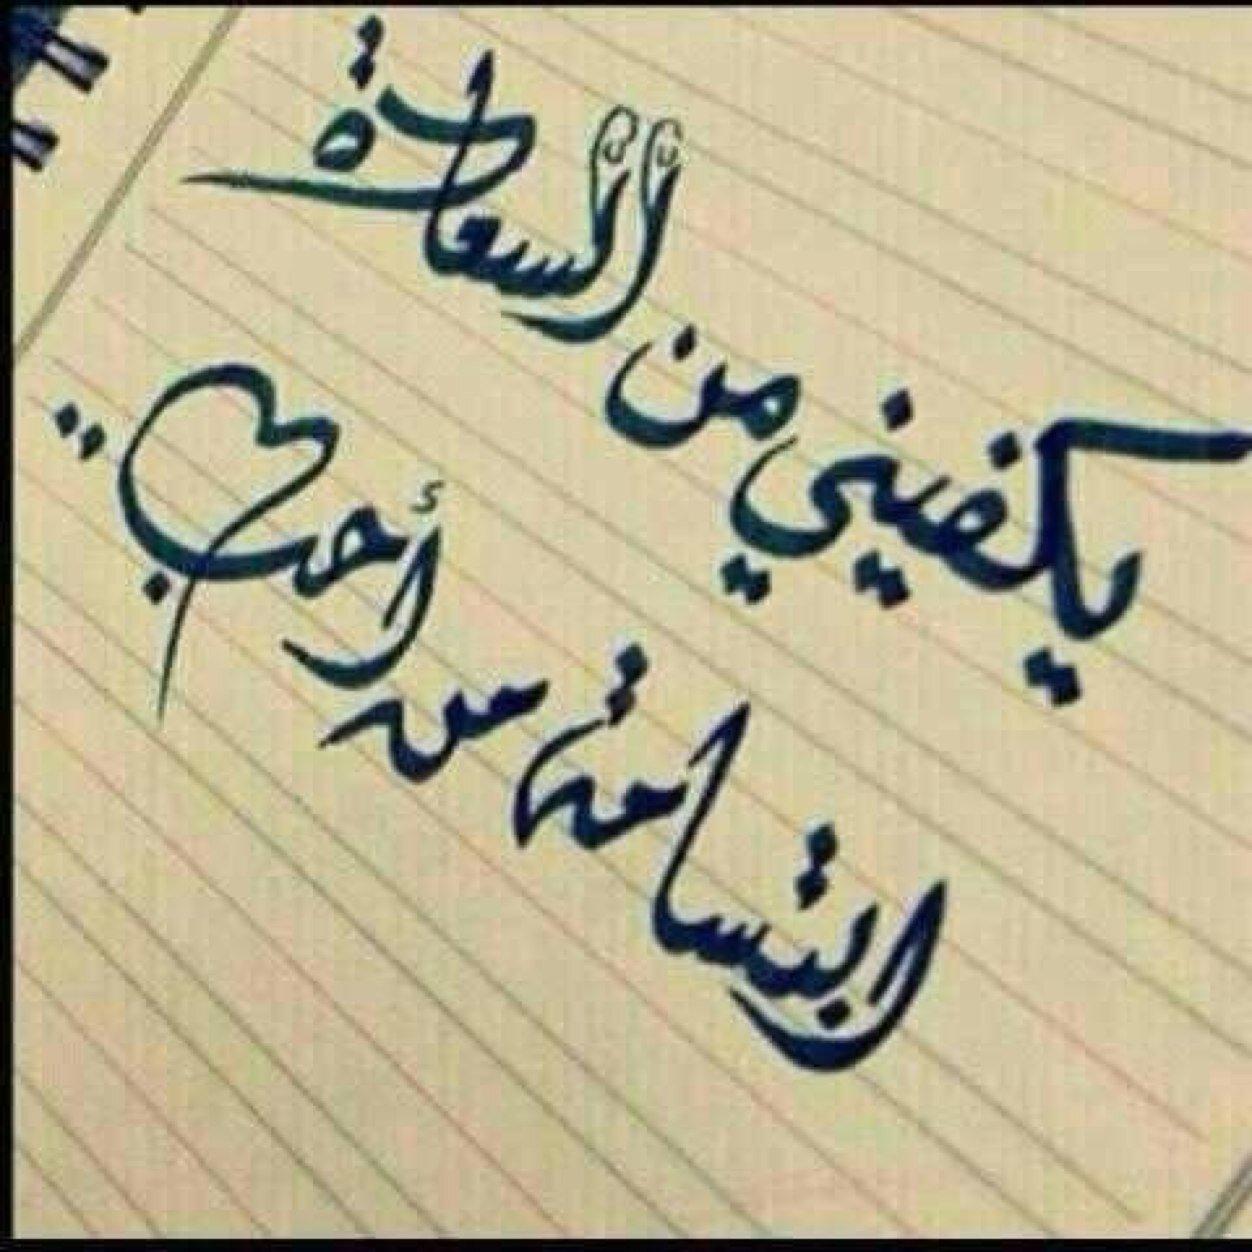 صورة كلمات جميلة عن الحياة , كلمات صادقه عن الحياة